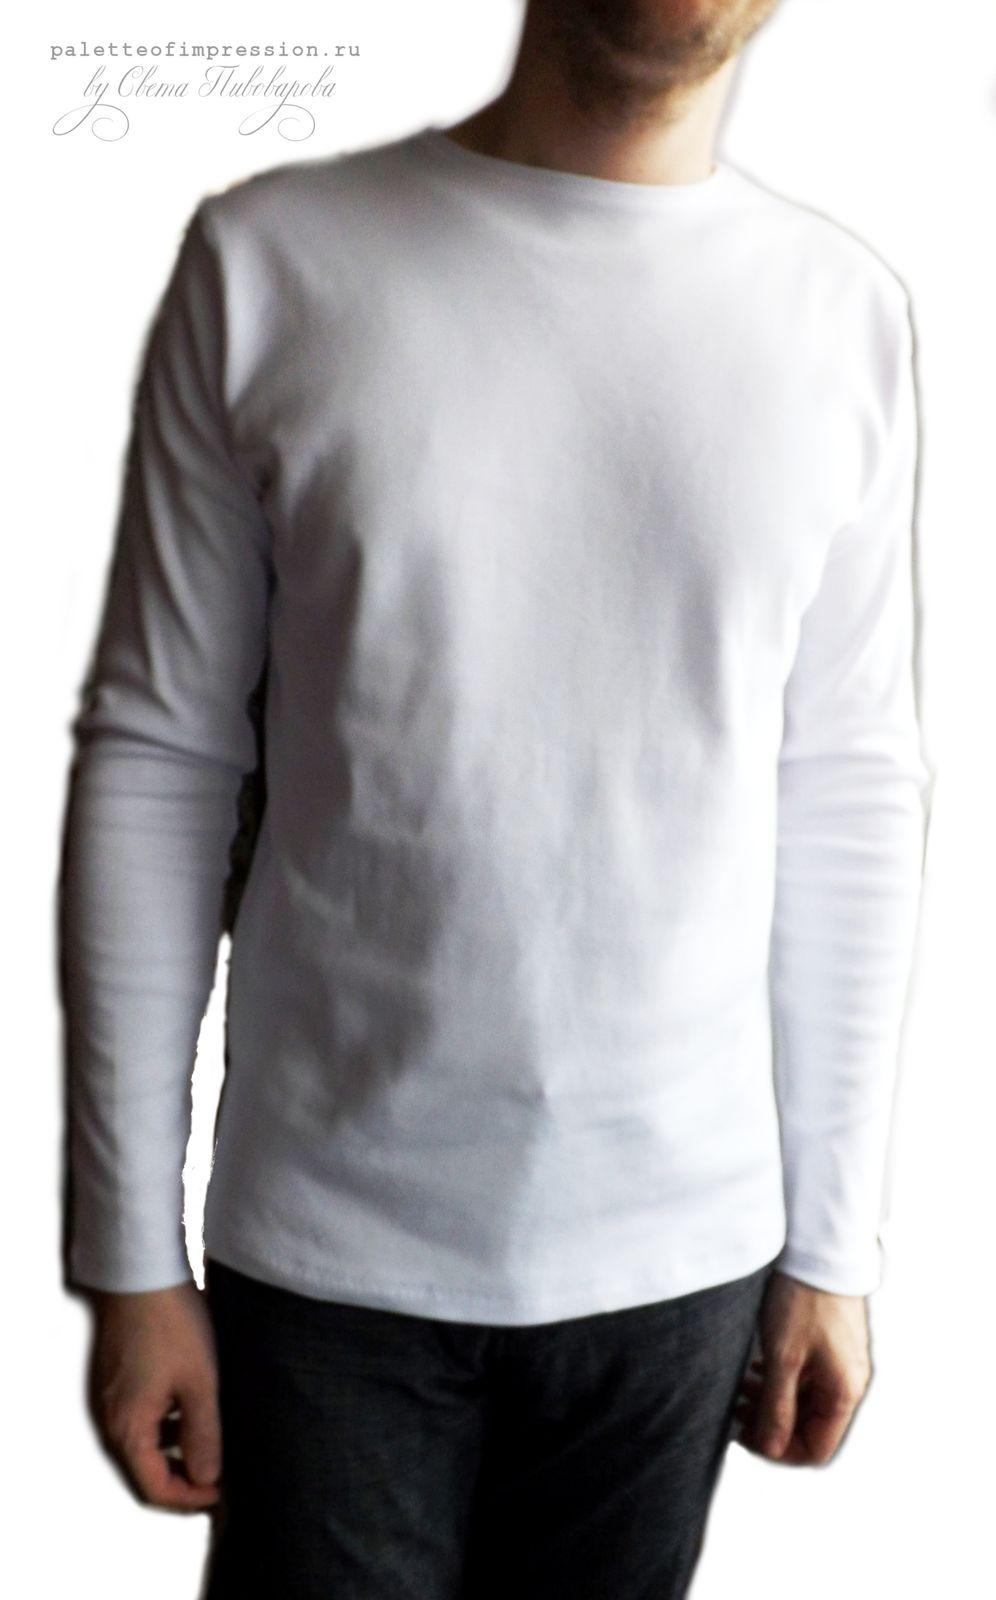 Мужская футболка с длинным рукавом и круглым вырезом. Интерлок. Индивидуальная выкройка.